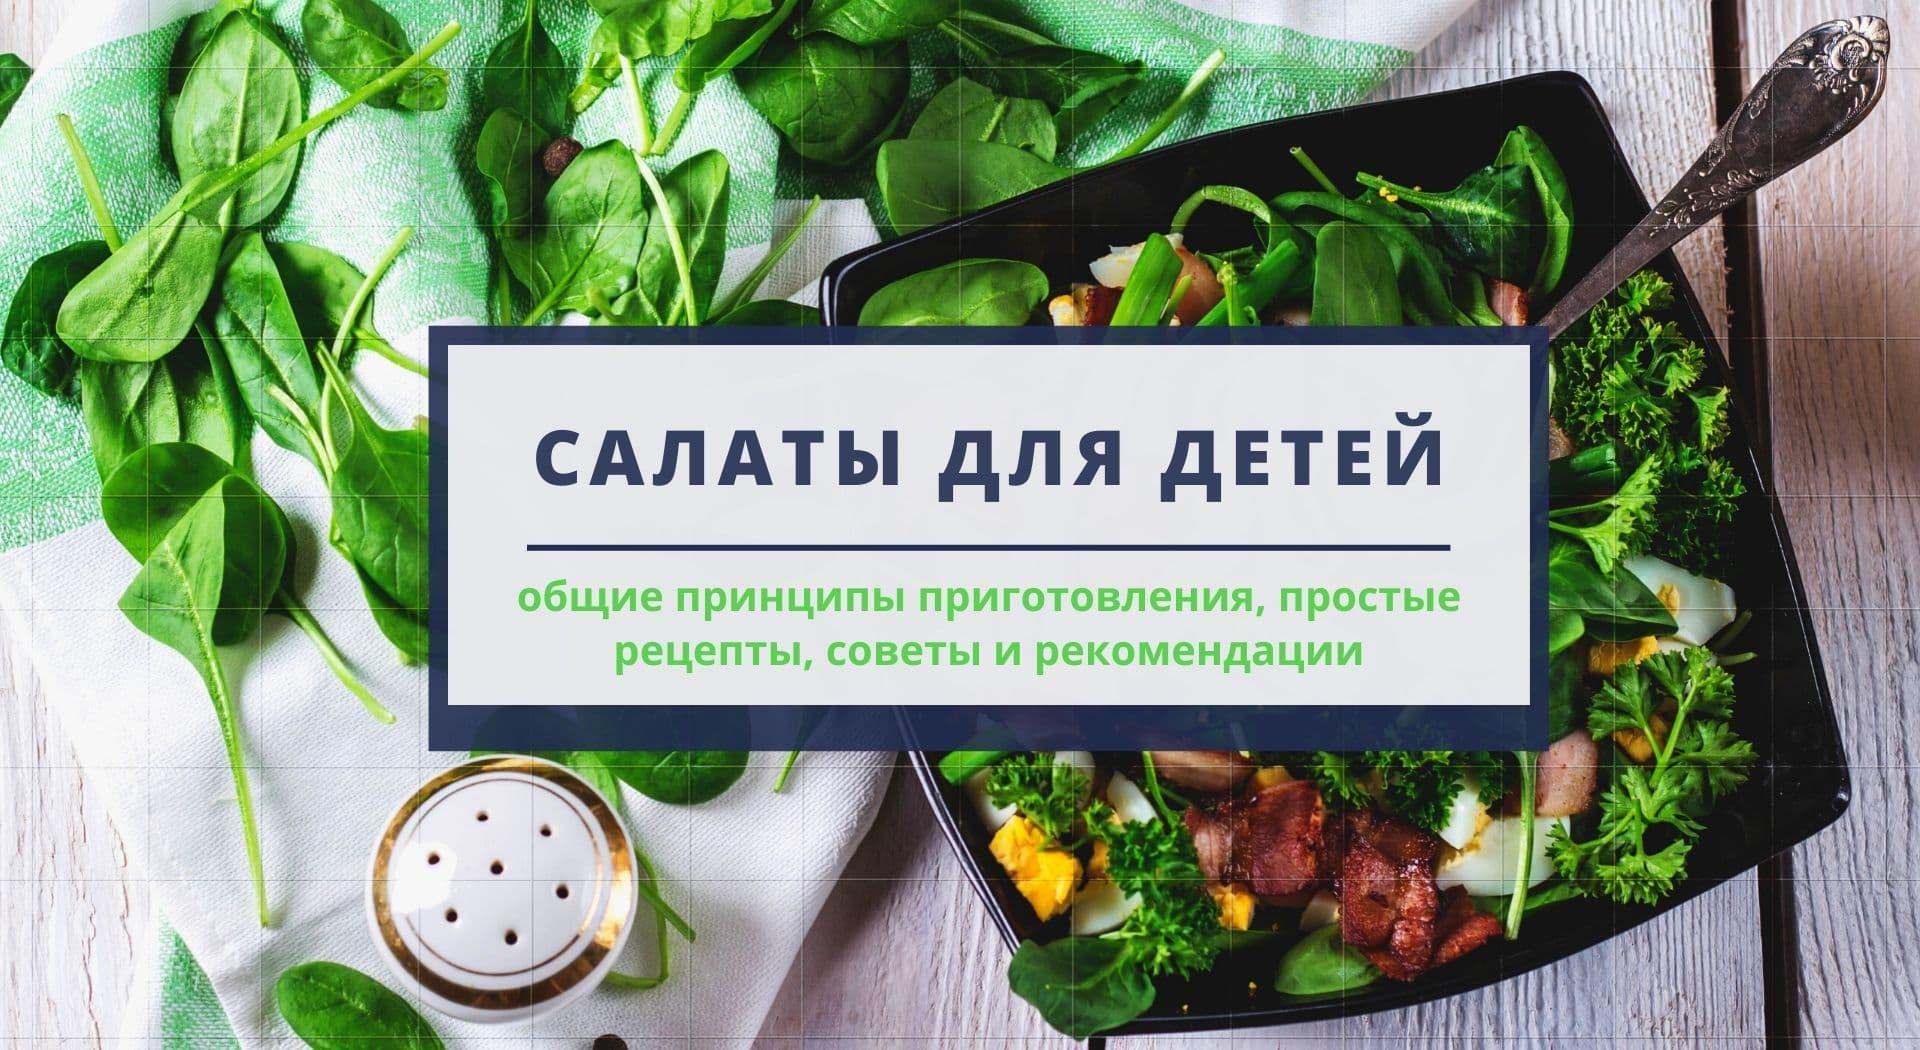 Салат для детей: общие принципы приготовления, простые рецепты, советы и рекомендации